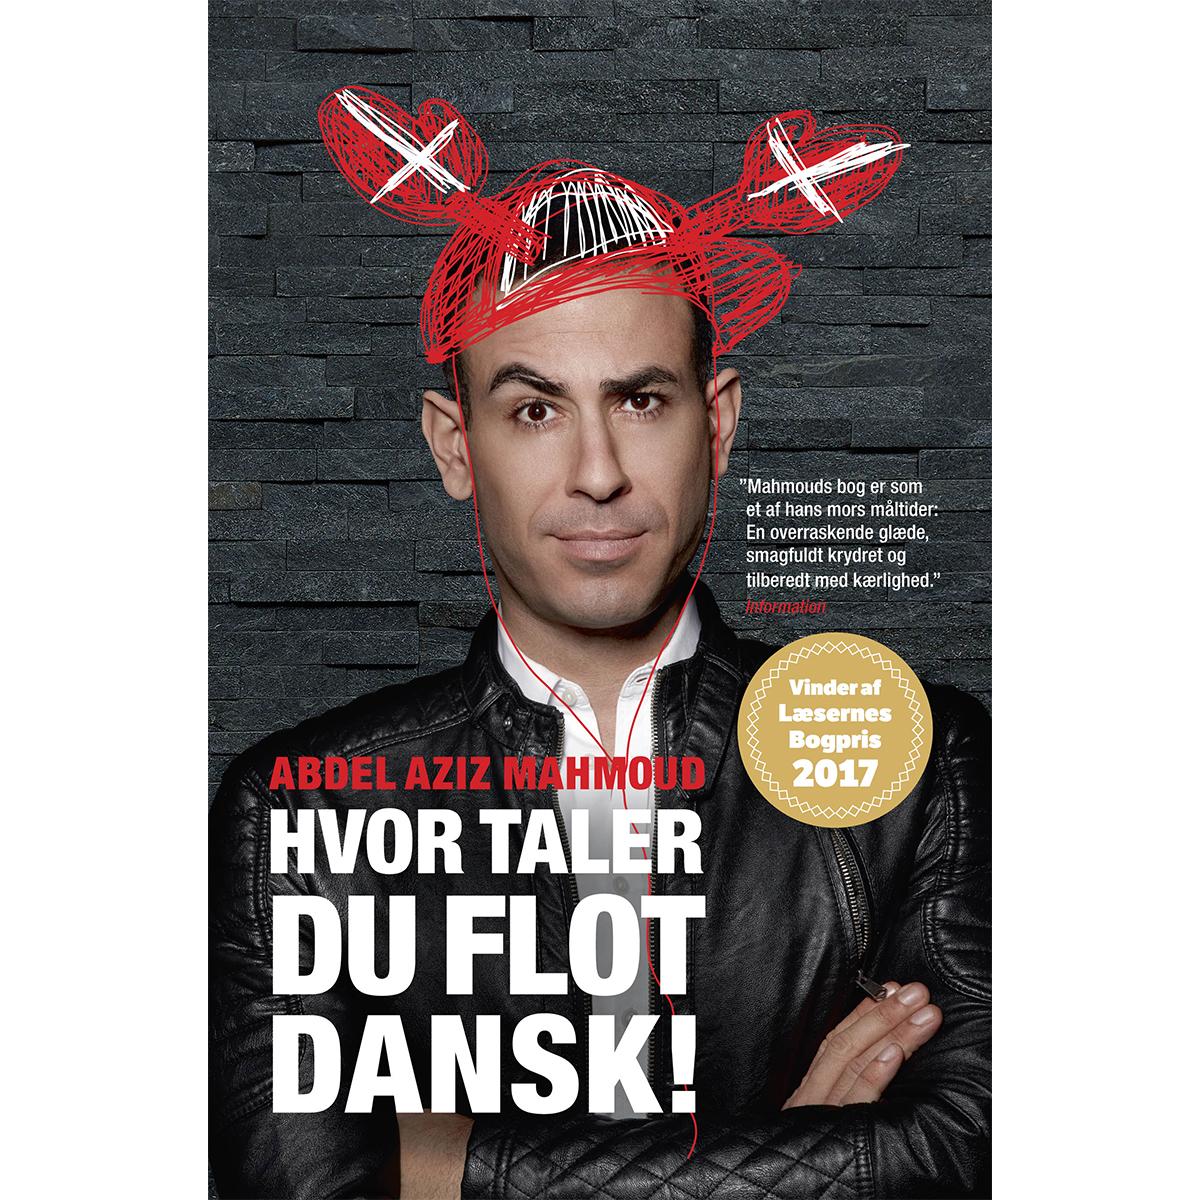 Hvor taler du flot dansk! - Paperback